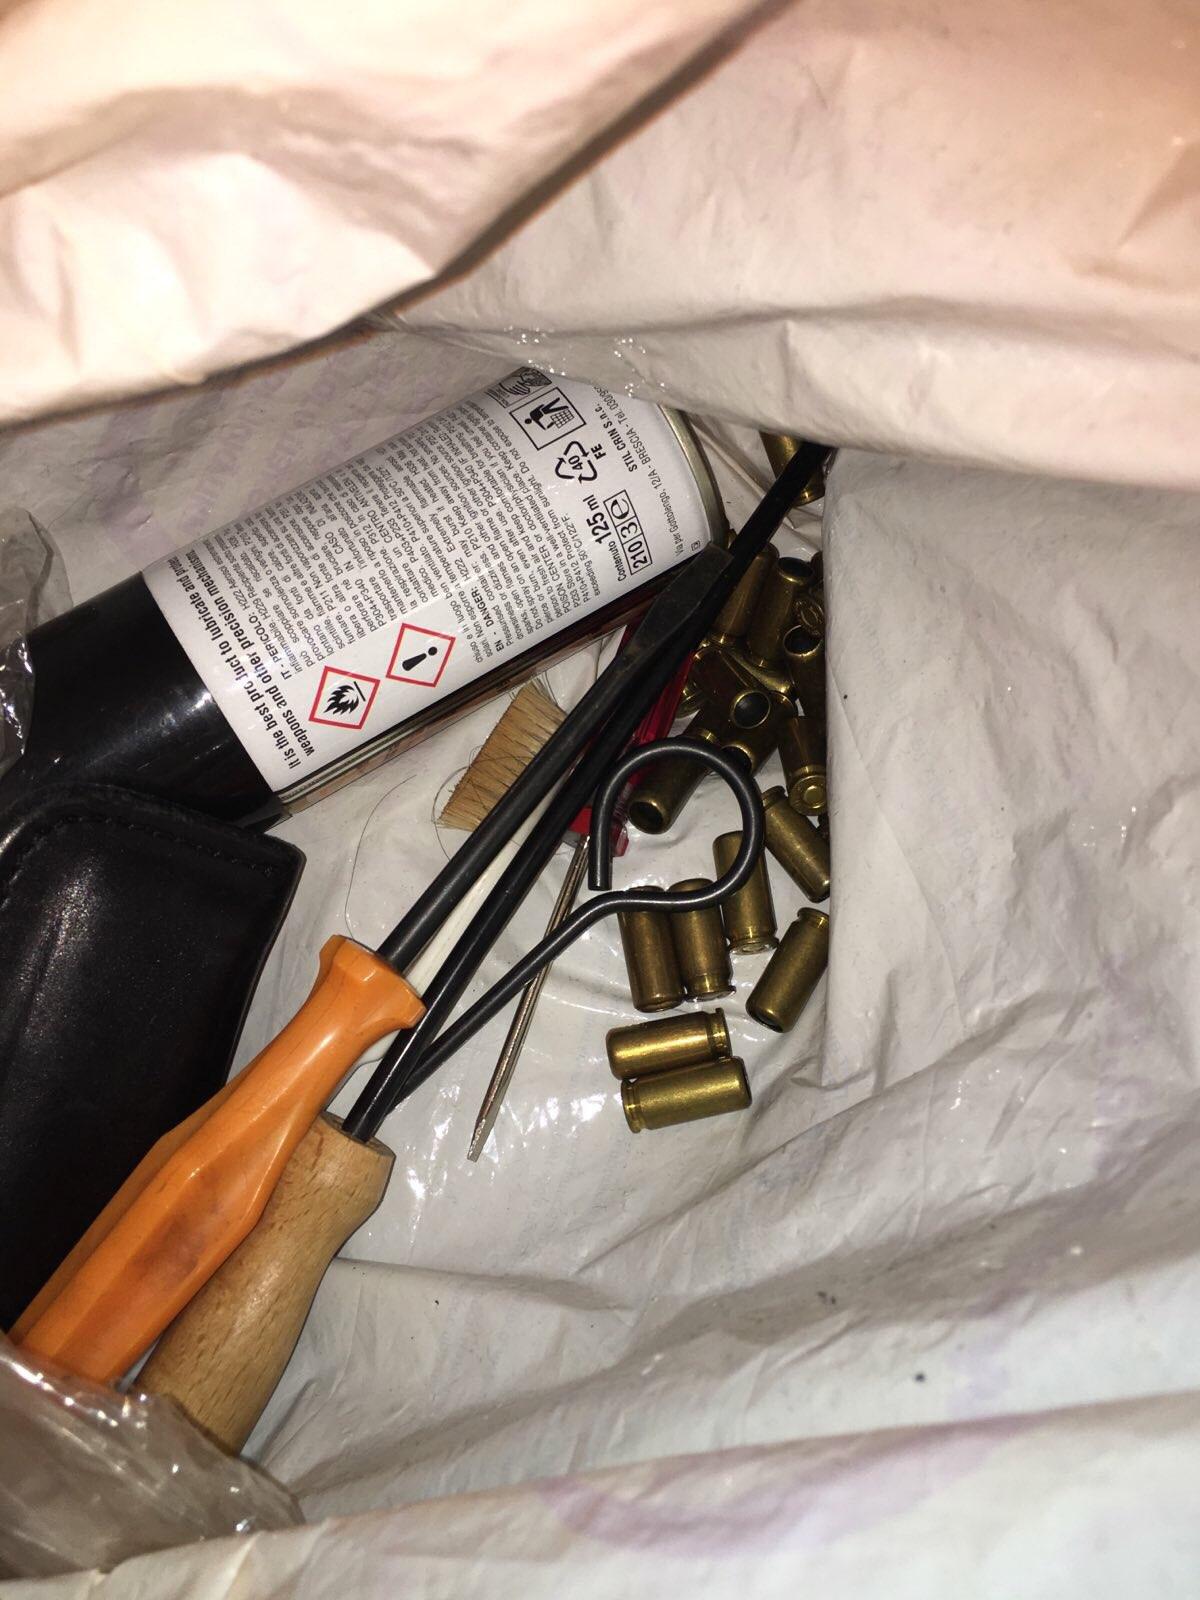 yzobrazhenye_viber_2020-02-13_17-59-03 У Броварах затримали осіб, які перебували у розшуку та вилучили боєпрпаси в одній з квартир міста